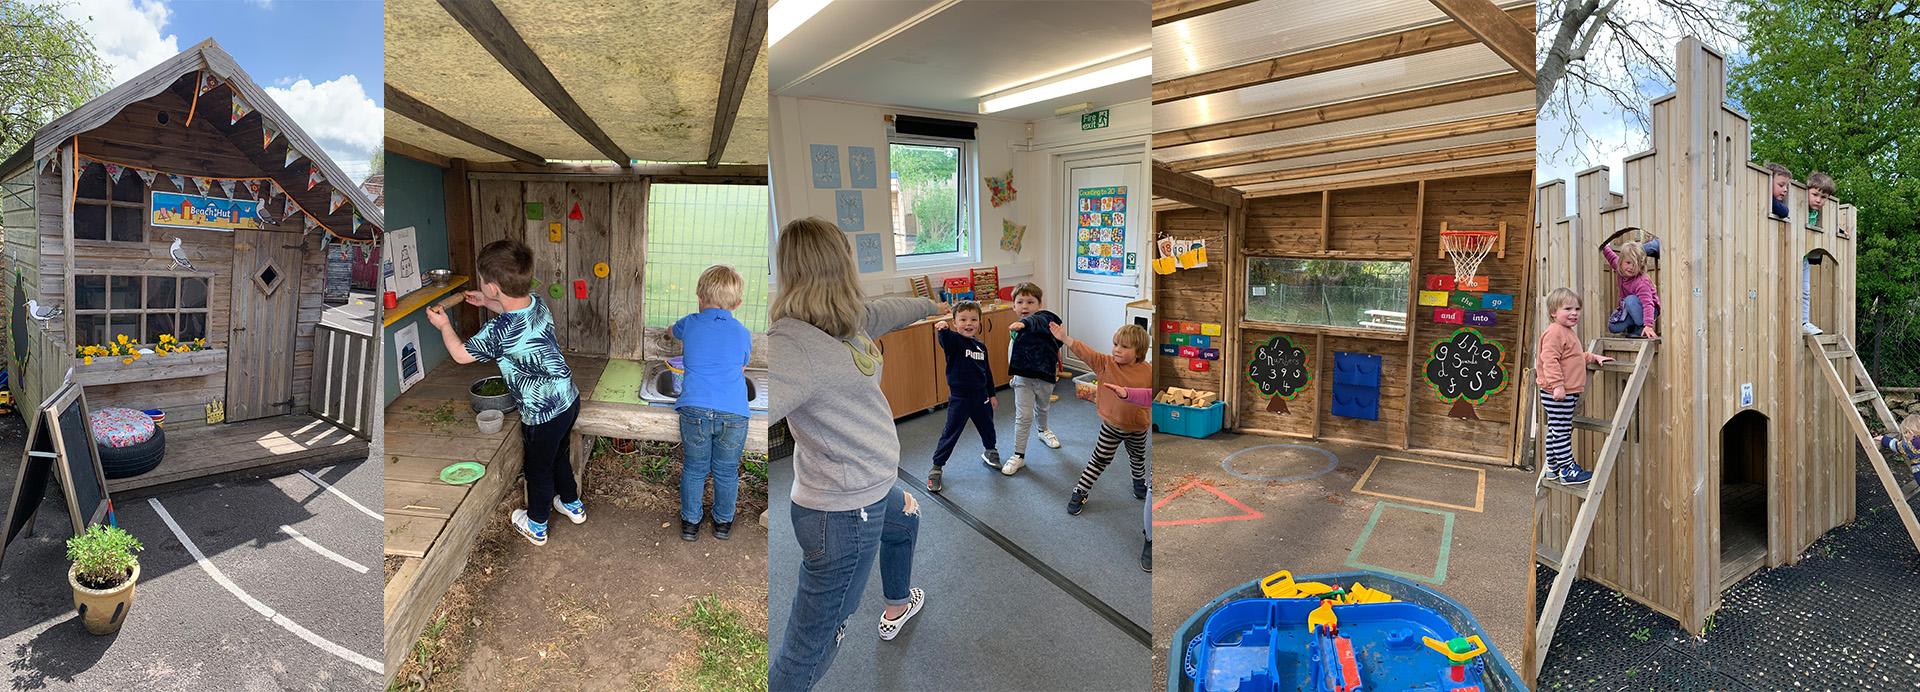 West Chinnock Playschool